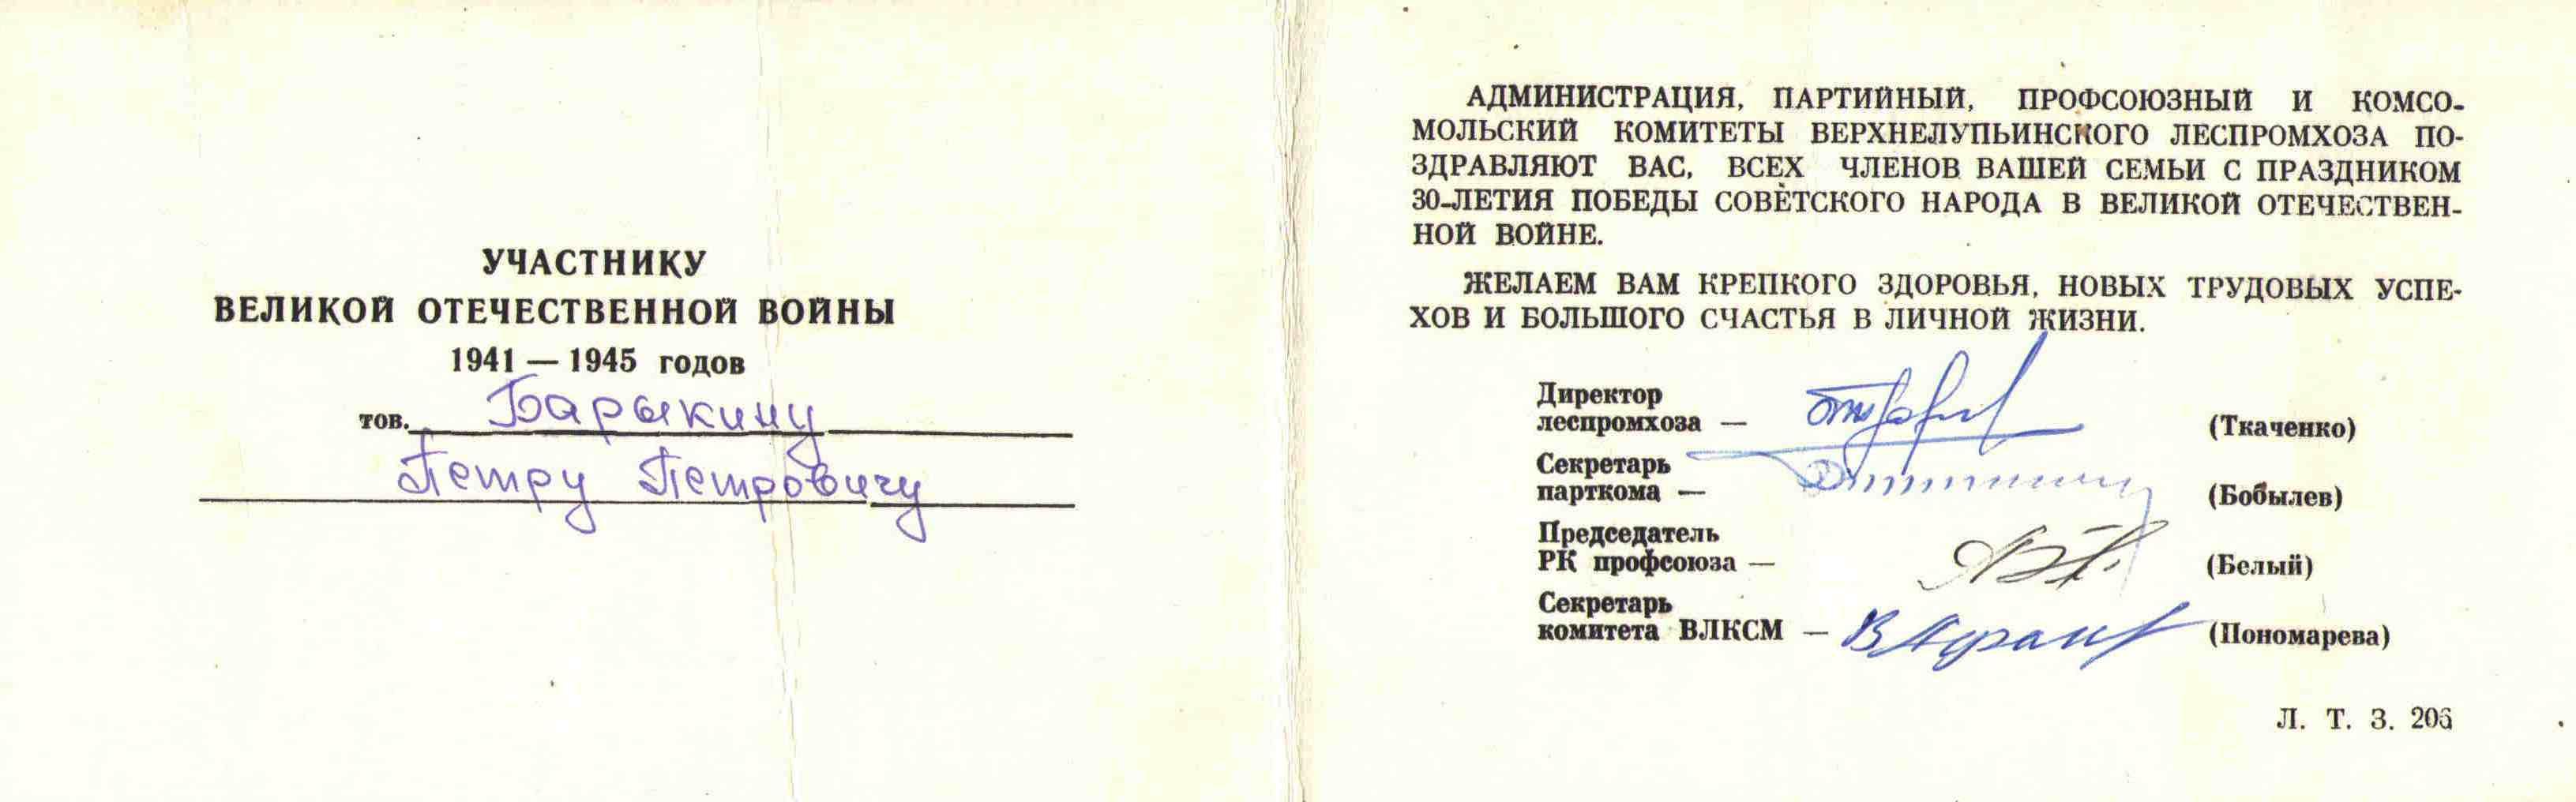 93. Поздравительная открытка с Днем Победы, Барыкин П.П., 1975